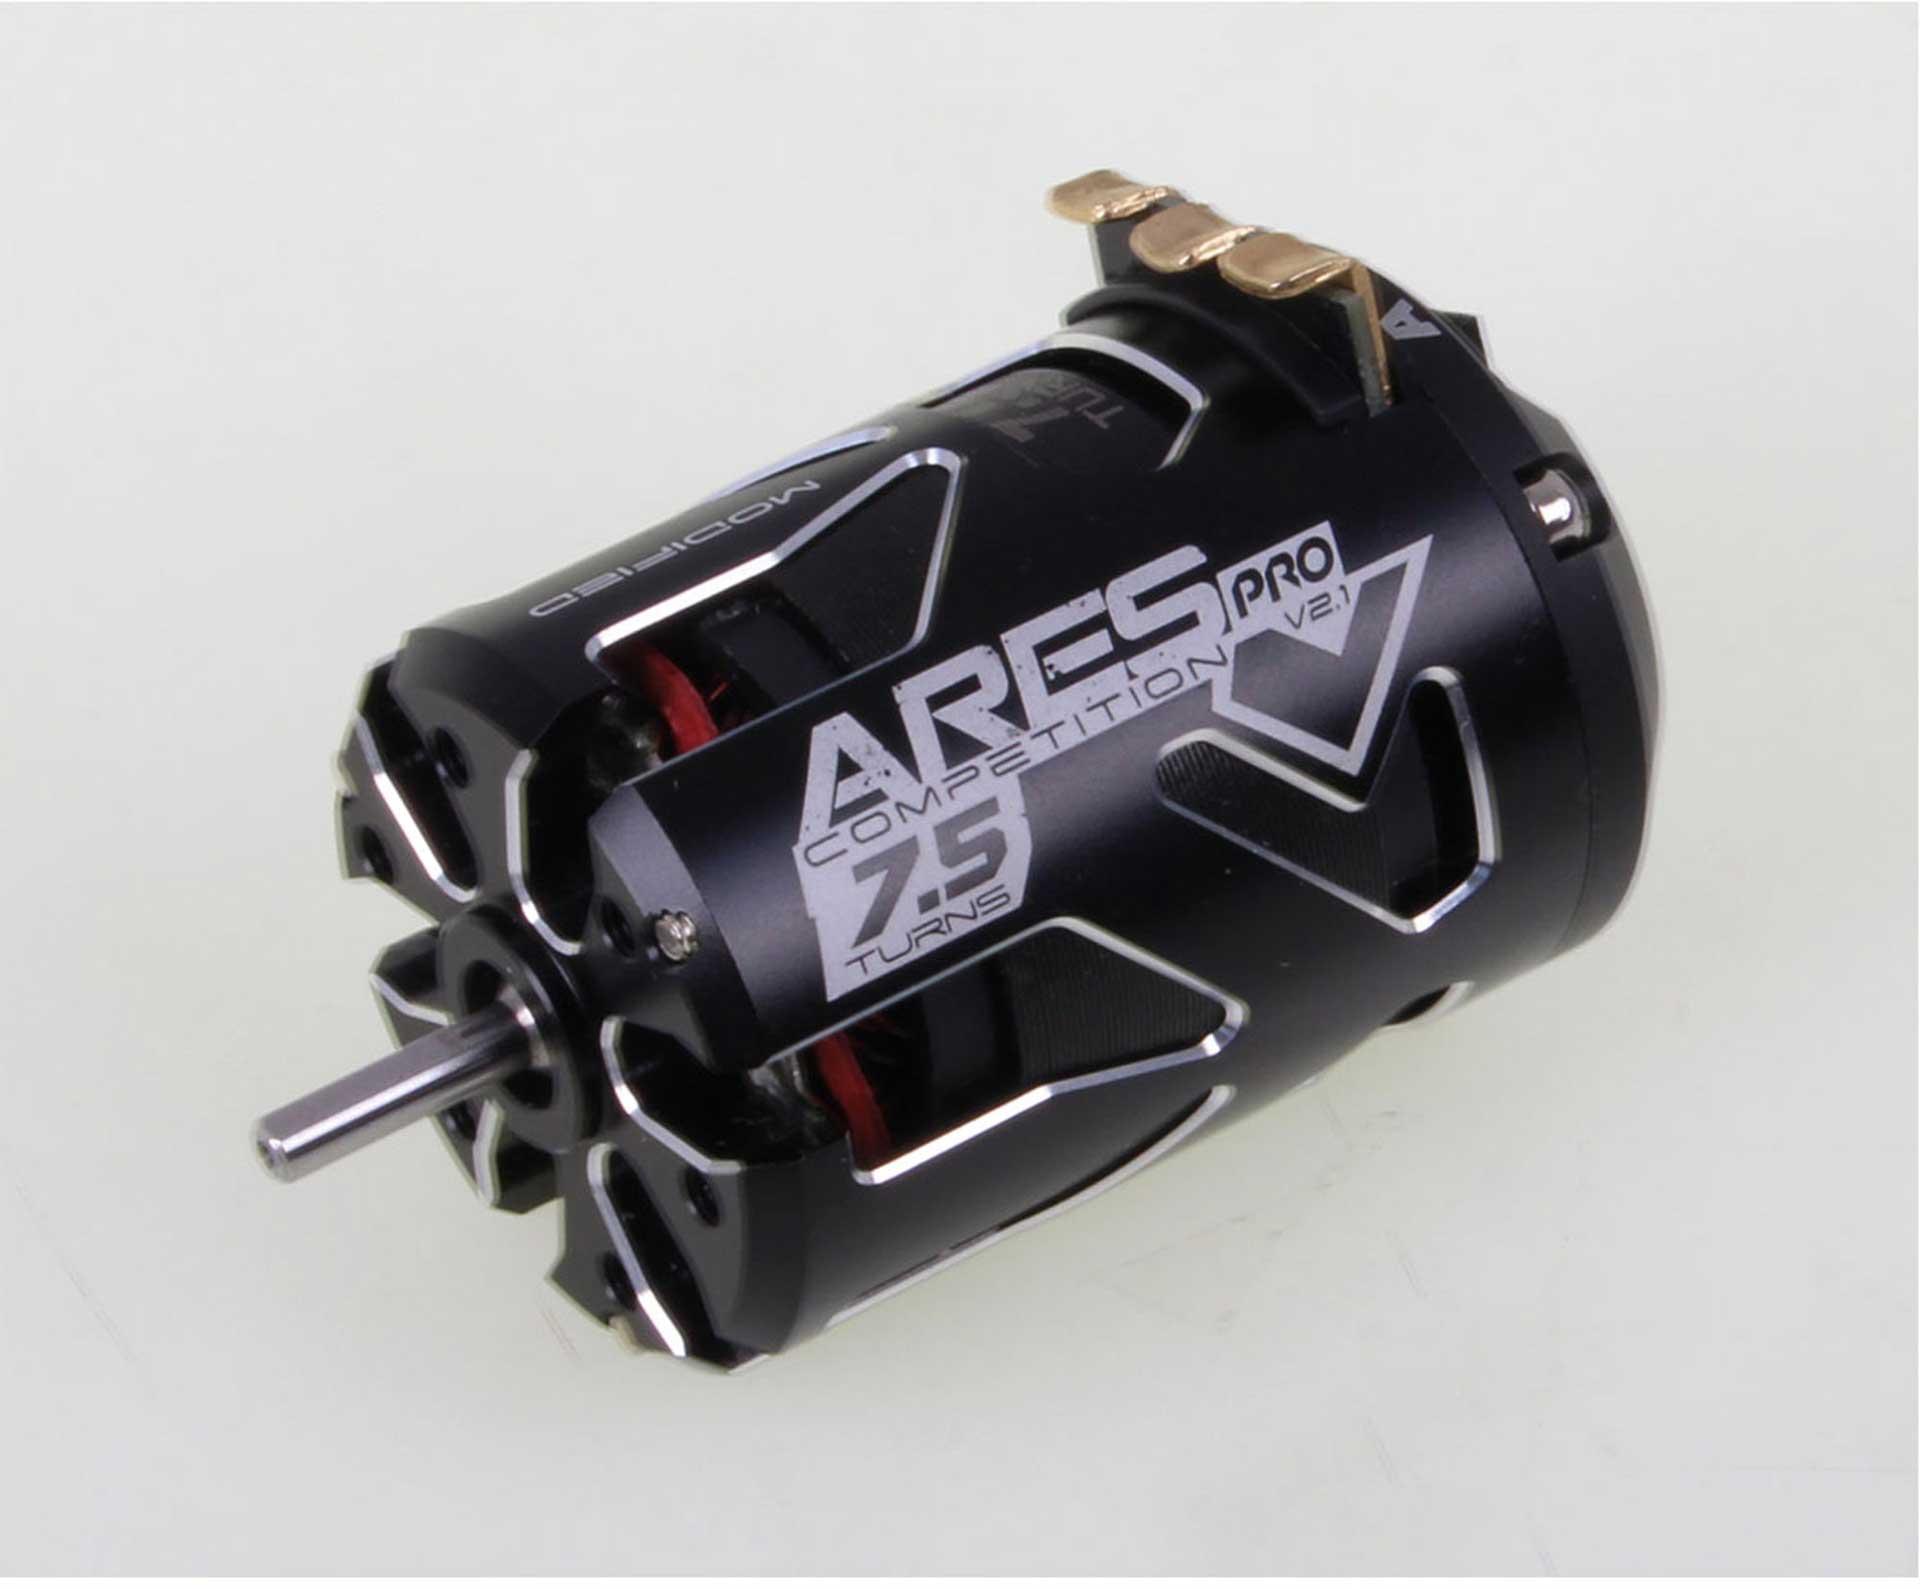 SKYRC ARES PRO V2.1 MODIFIED EFRA 7,5T 4700KV WITH SENSOR